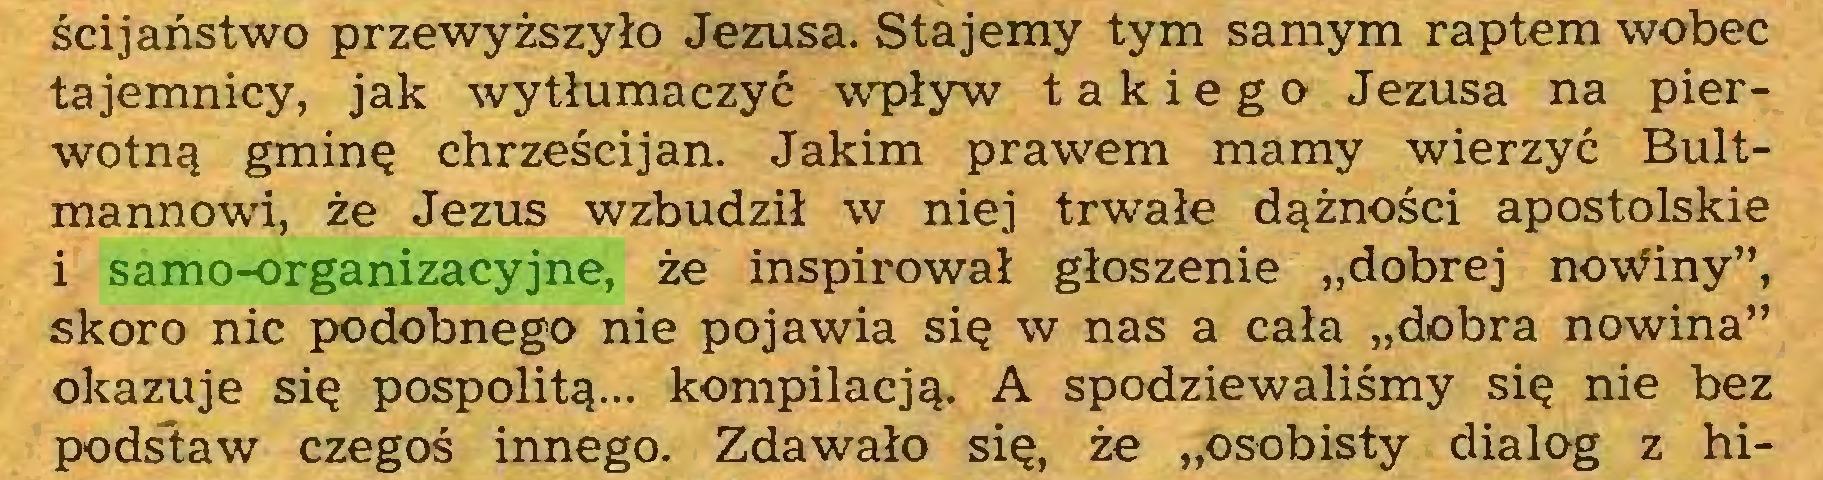 """(...) ścijaństwo przewyższyło Jezusa. Stajemy tym samym raptem wobec tajemnicy, jak wytłumaczyć wpływ takiego Jezusa na pierwotną gminę chrześcijan. Jakim prawem mamy wierzyć Bultmannowi, że Jezus wzbudził w niej trwałe dążności apostolskie i samo-organizacyjne, że inspirował głoszenie """"dobrej no\Viny"""", skoro nic podobnego nie pojawia się w nas a cała """"dobra nowina"""" okazuje się pospolitą... kompilacją. A spodziewaliśmy się nie bez podstaw czegoś innego. Zdawało się, że """"osobisty dialog z hi..."""